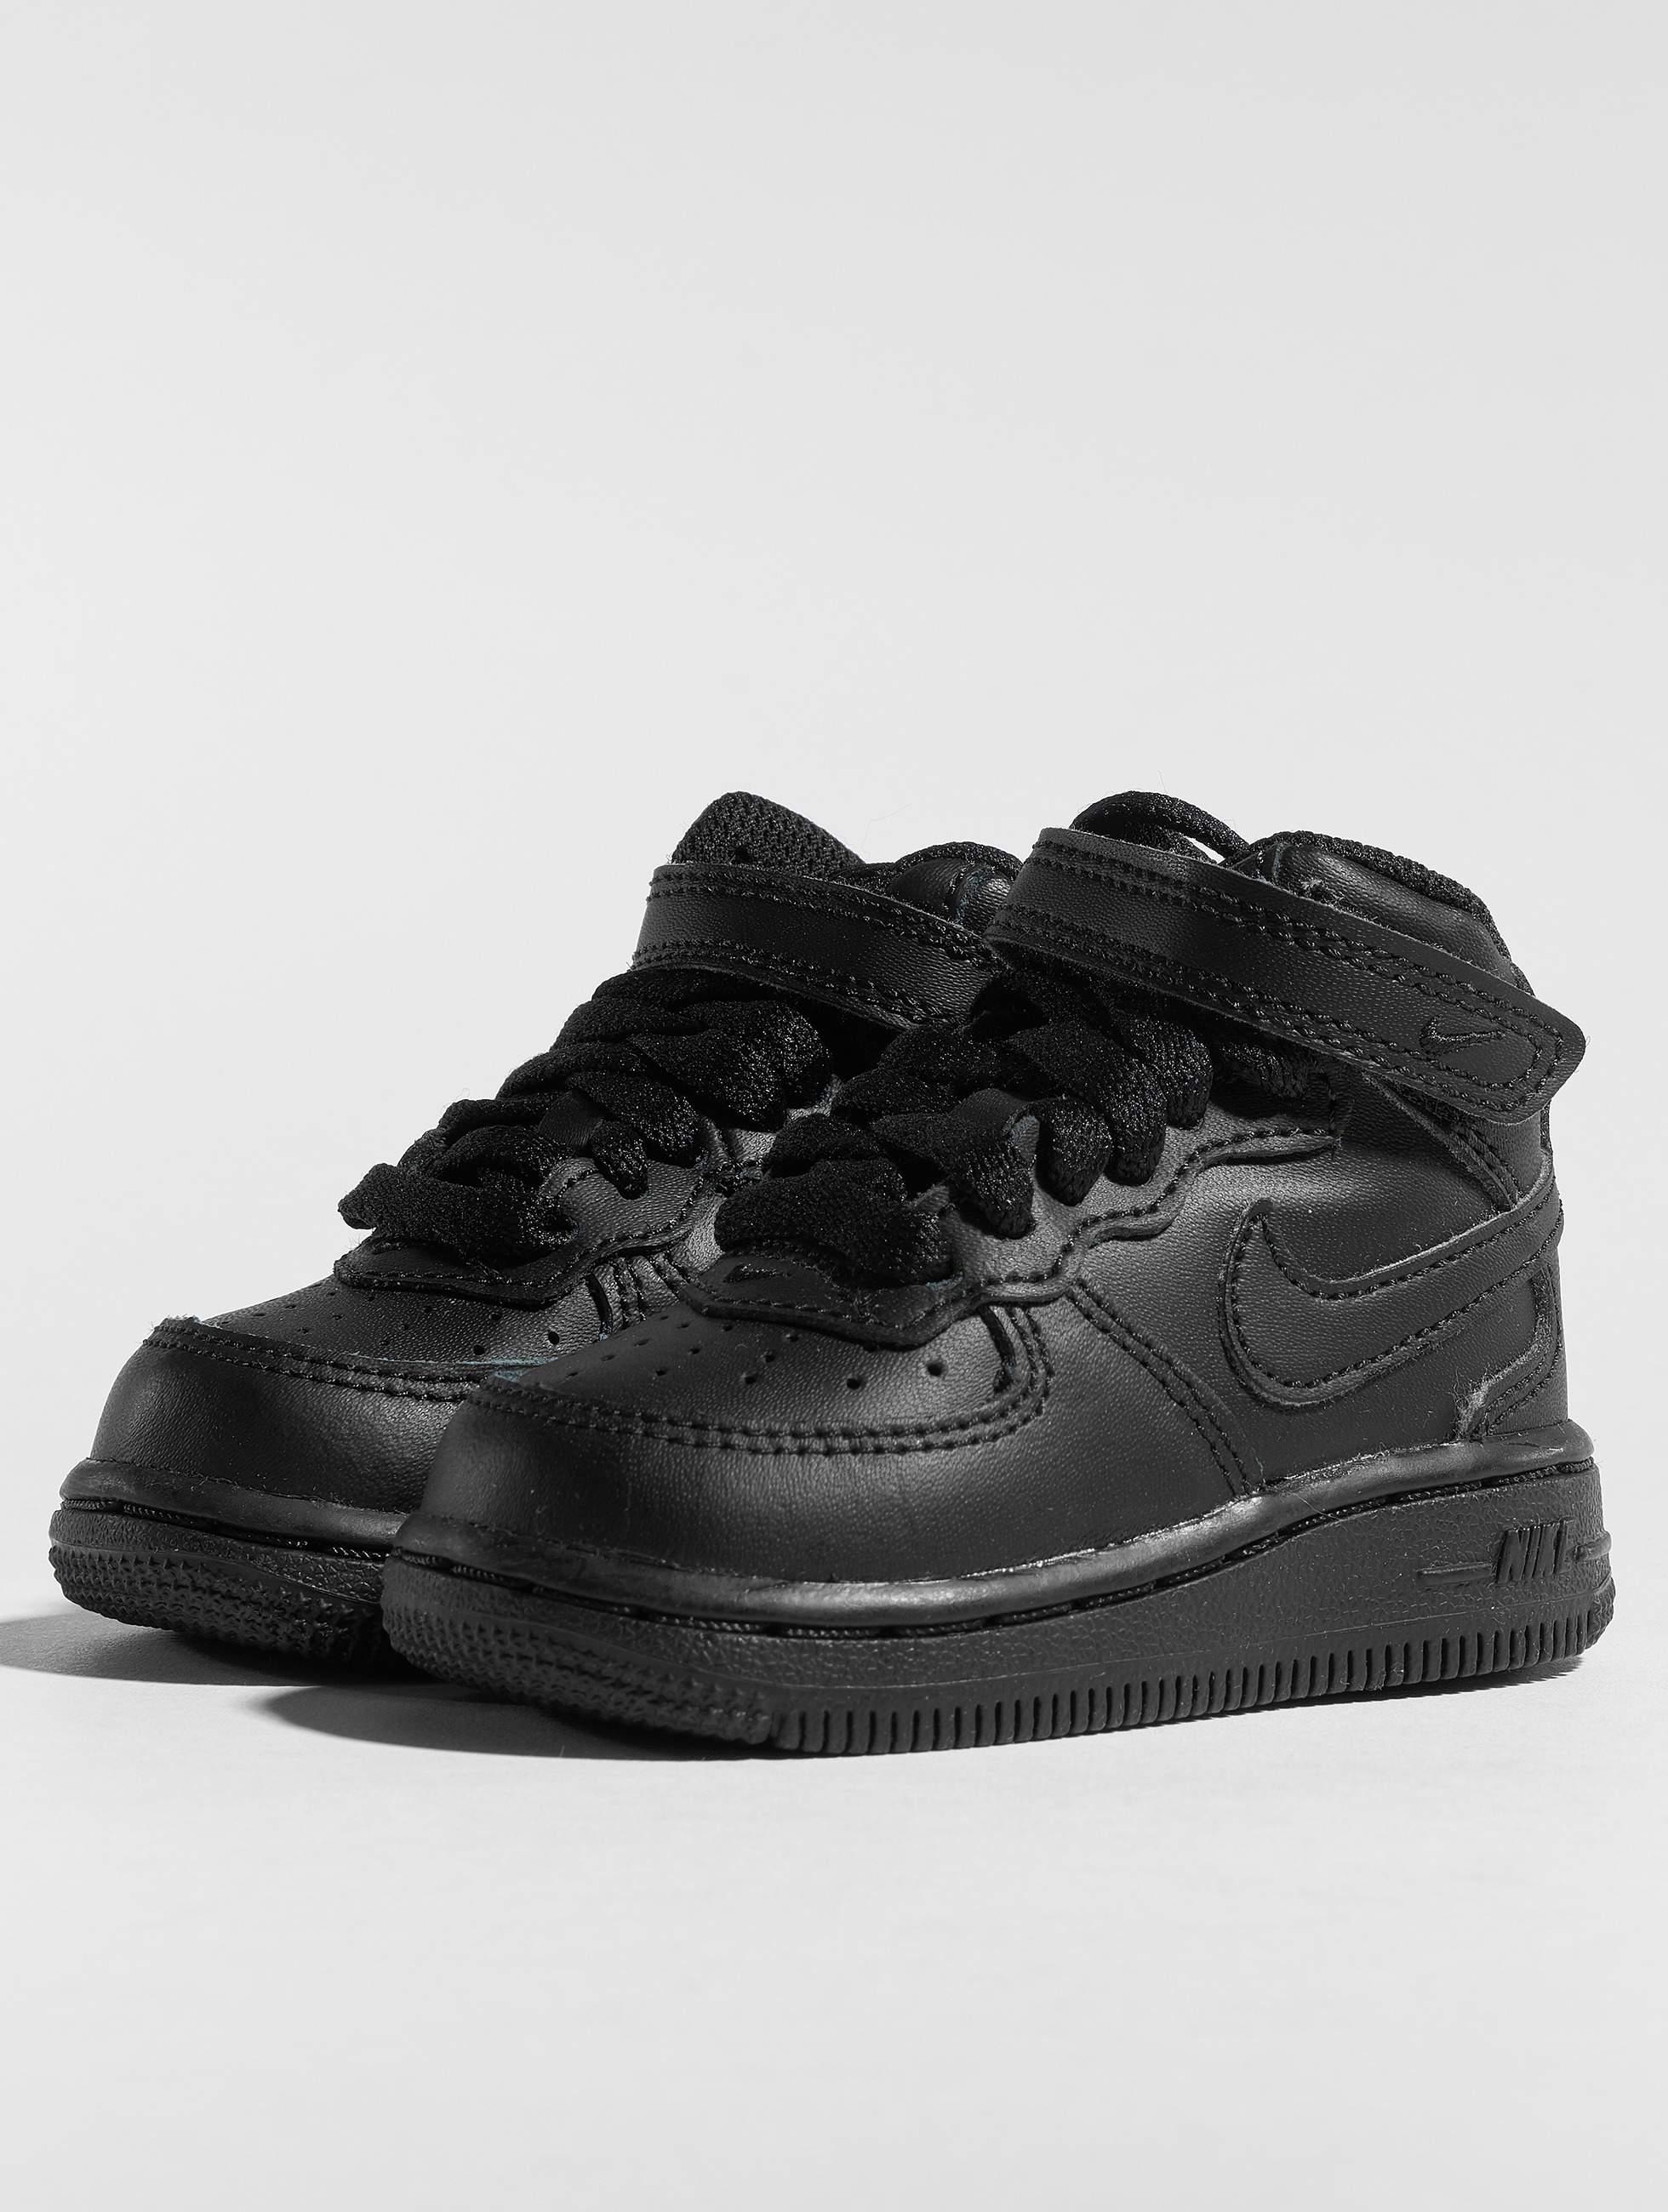 Nike Air Force 1 Mid TD Sneakers BlackBlack